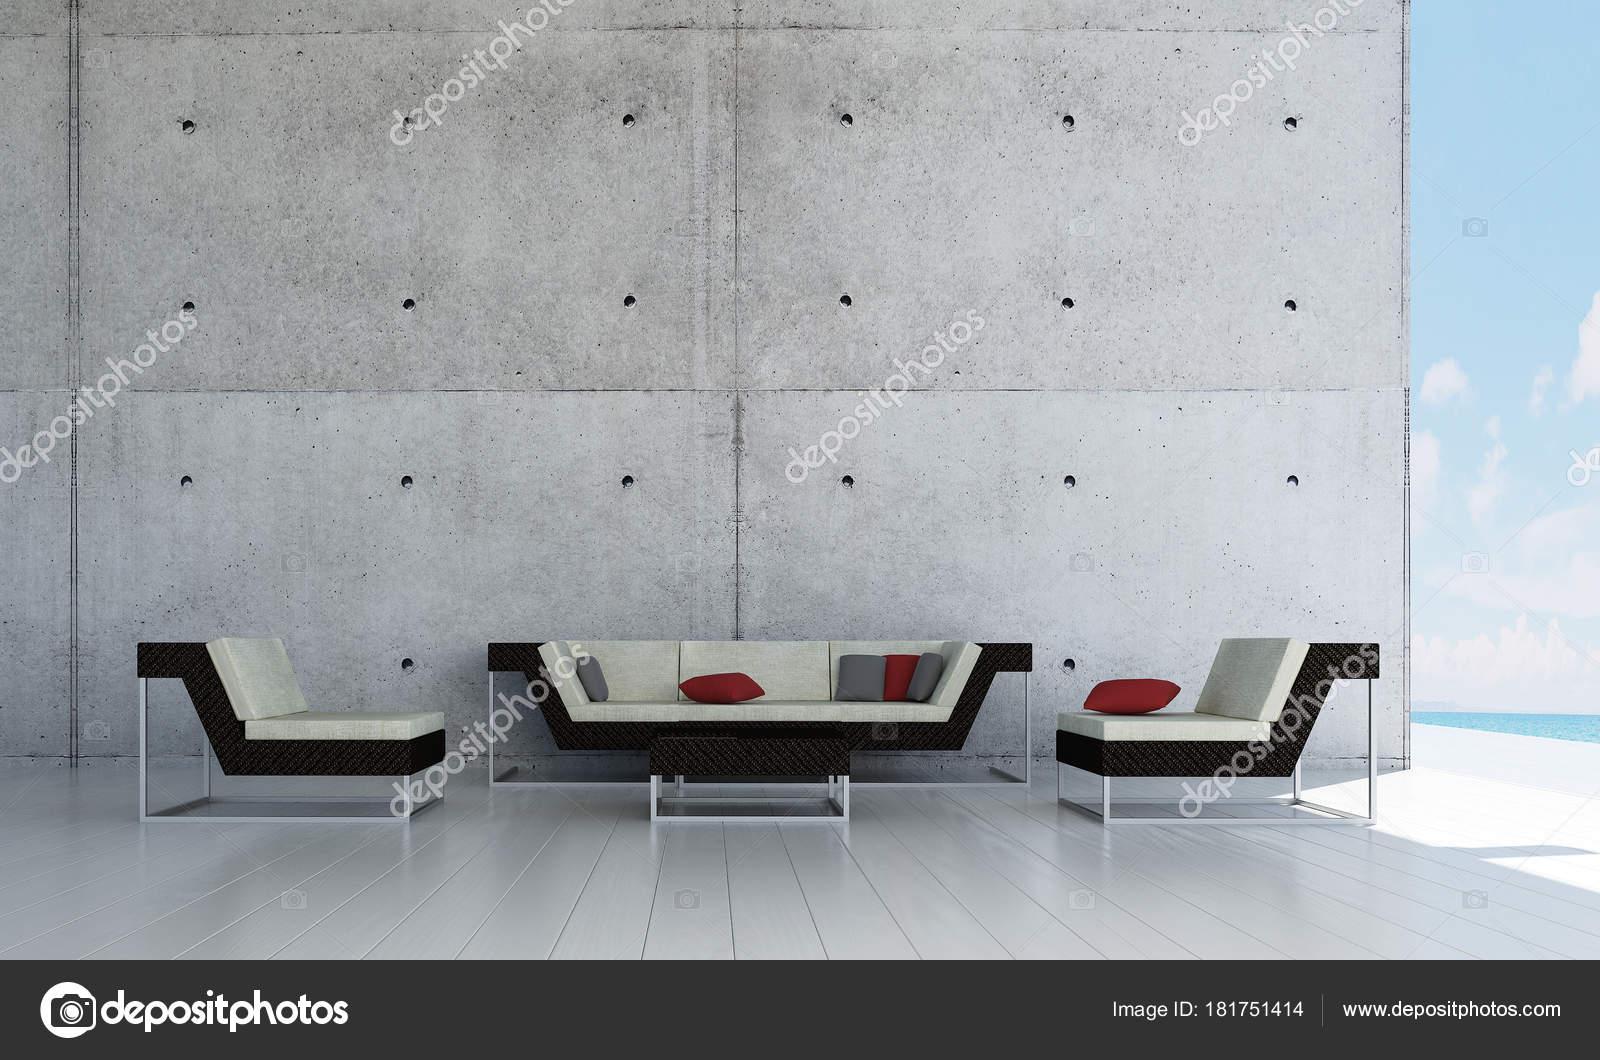 Die Moderne Lounge Und Wohnzimmer Und Beton Wand Textur Hintergrund ...